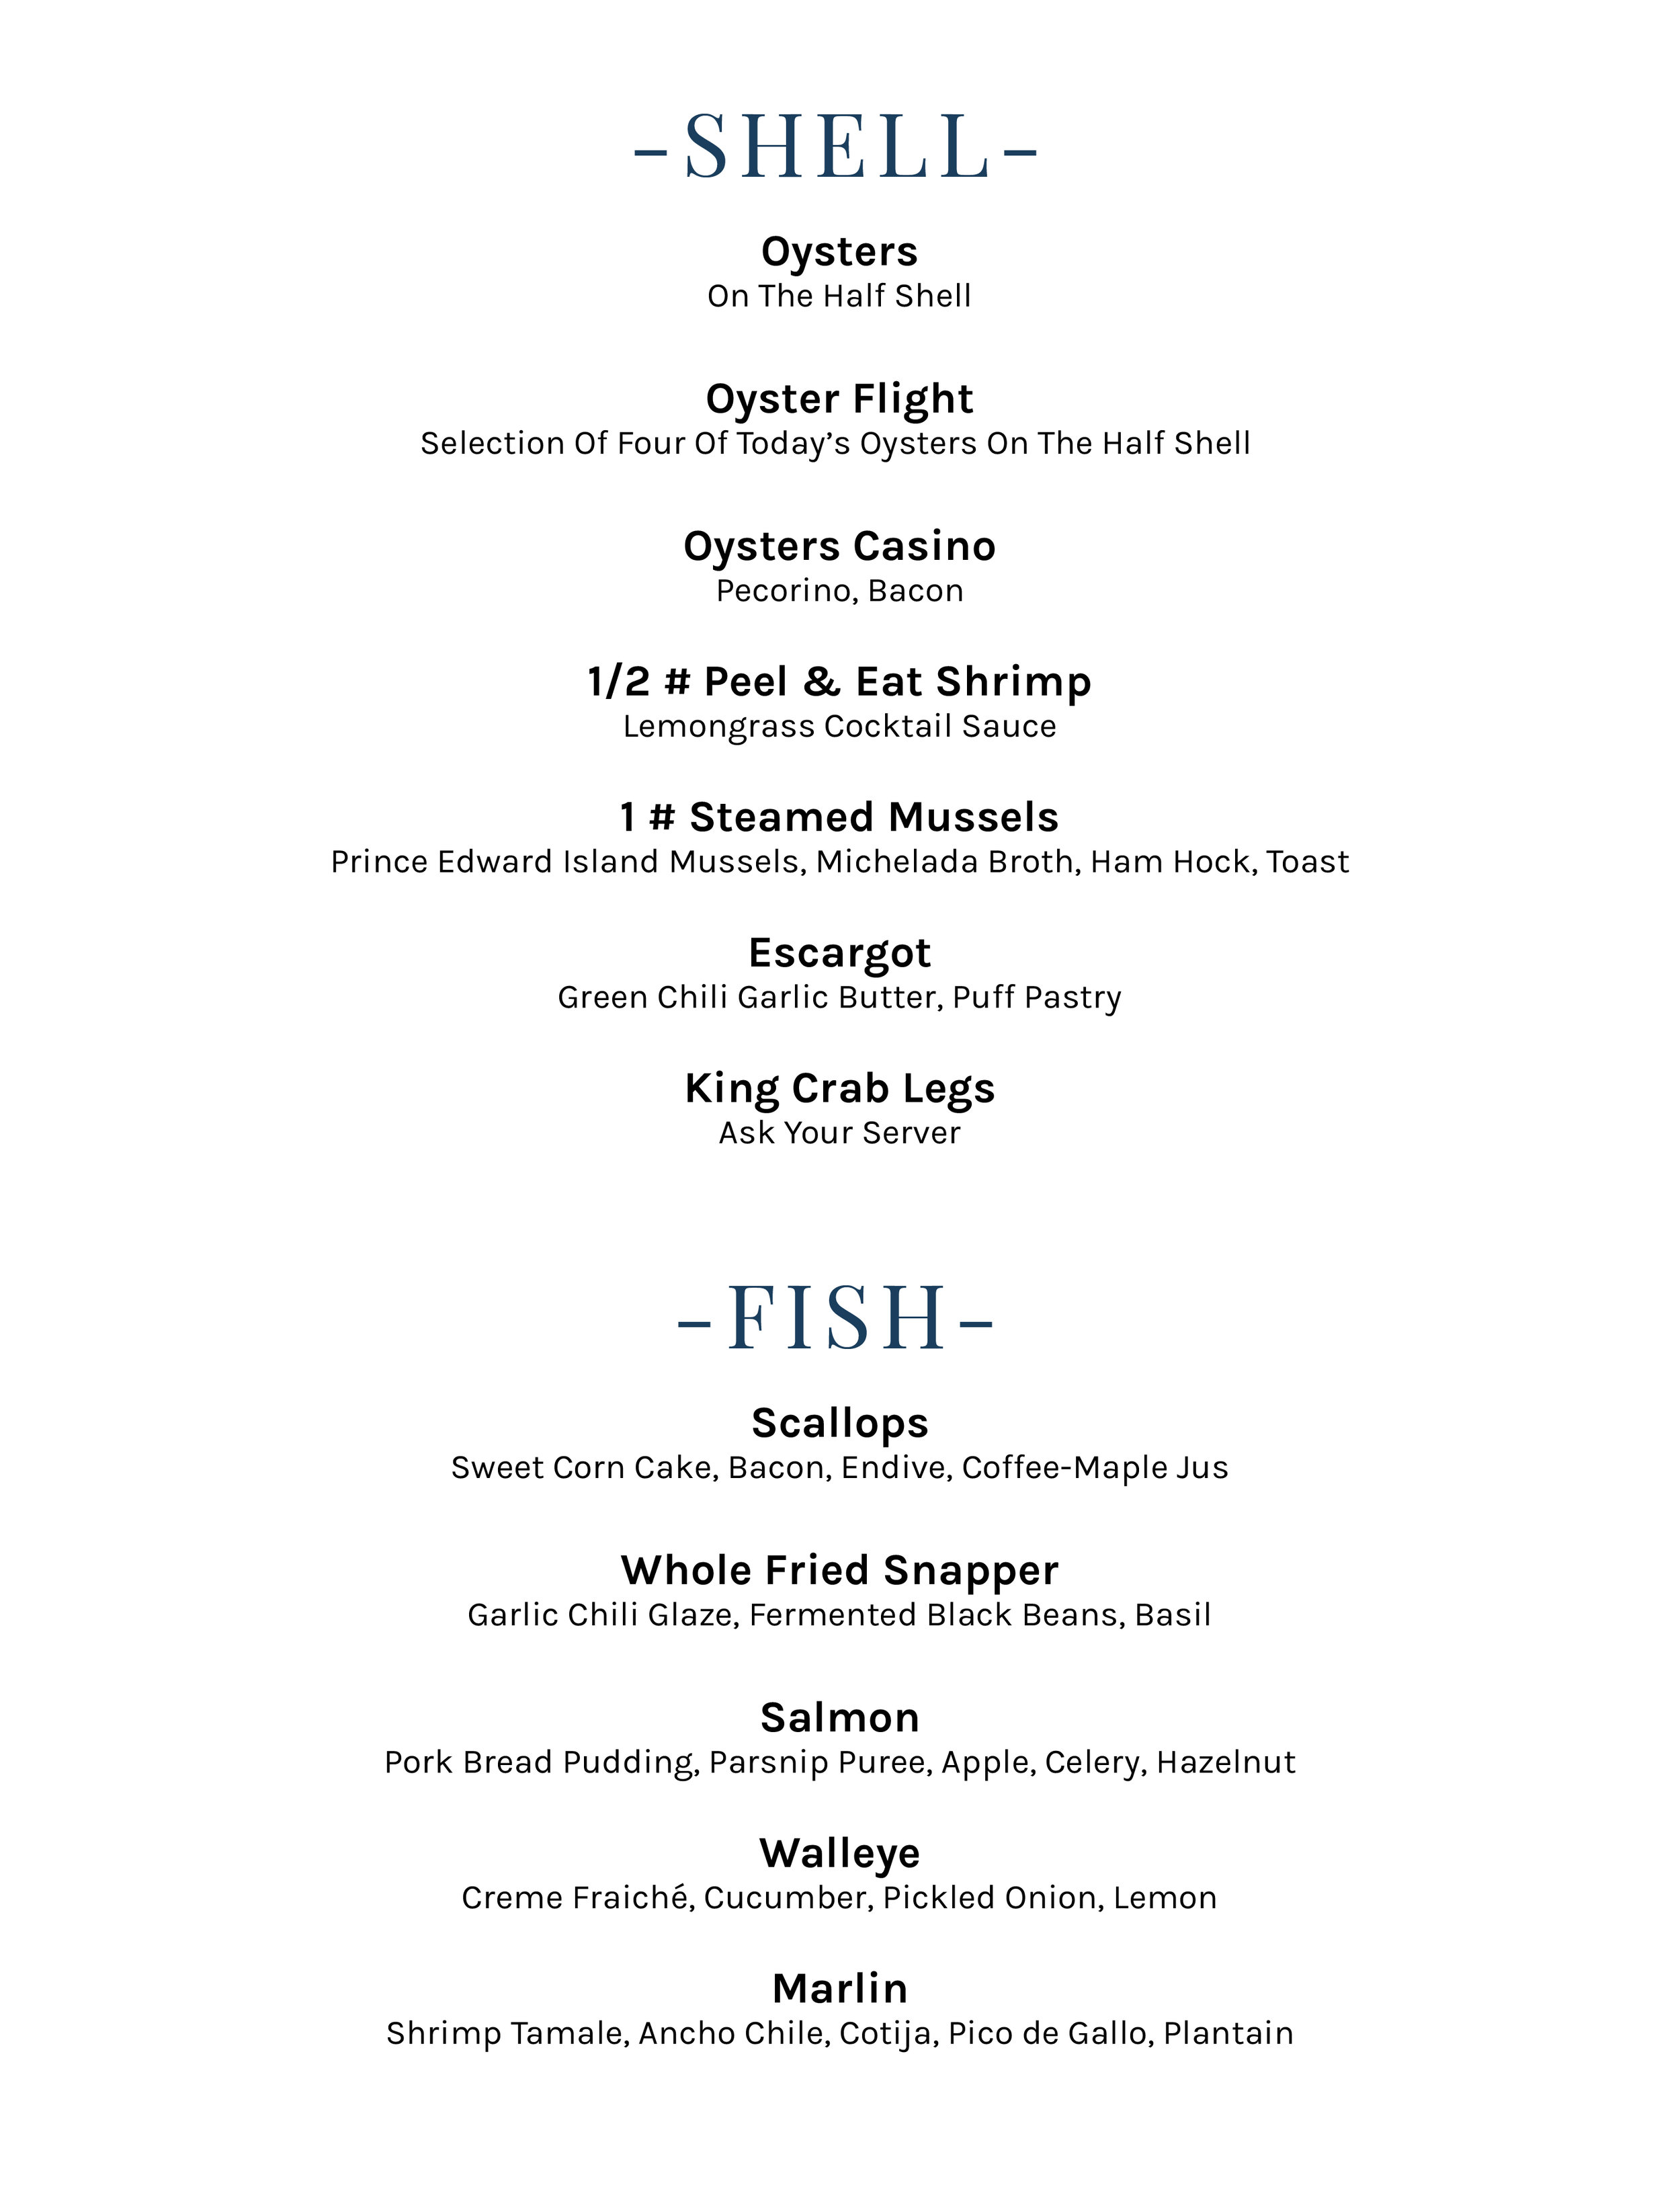 deepwater_menu-03.jpg